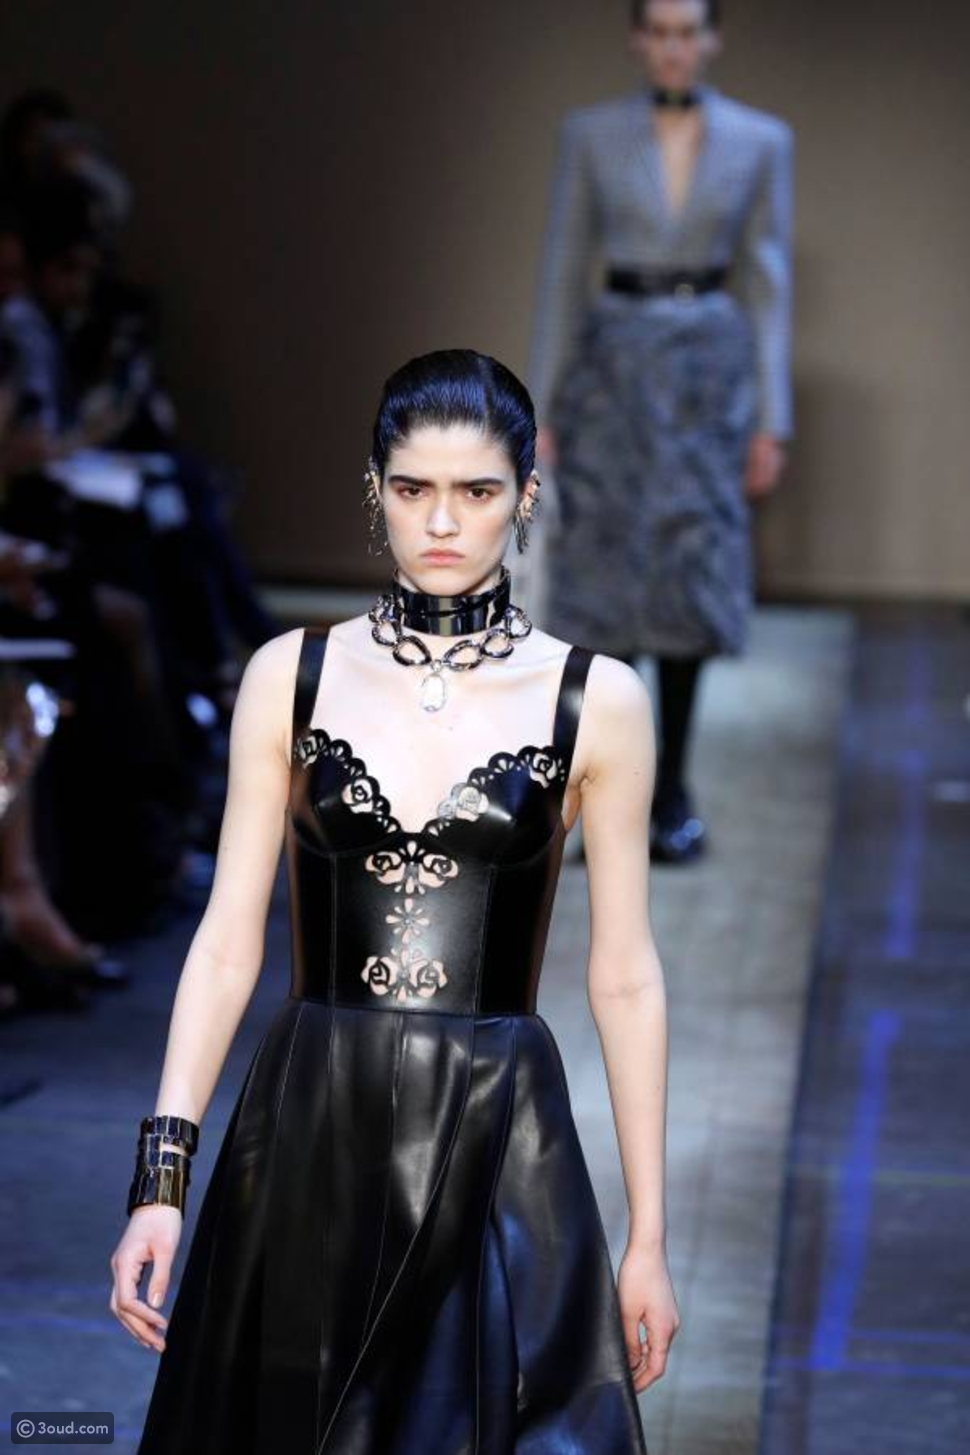 الأزياء الكلاسيكية الجريئة تطبع مجموعة Alexander McQueen لشتاء 2020